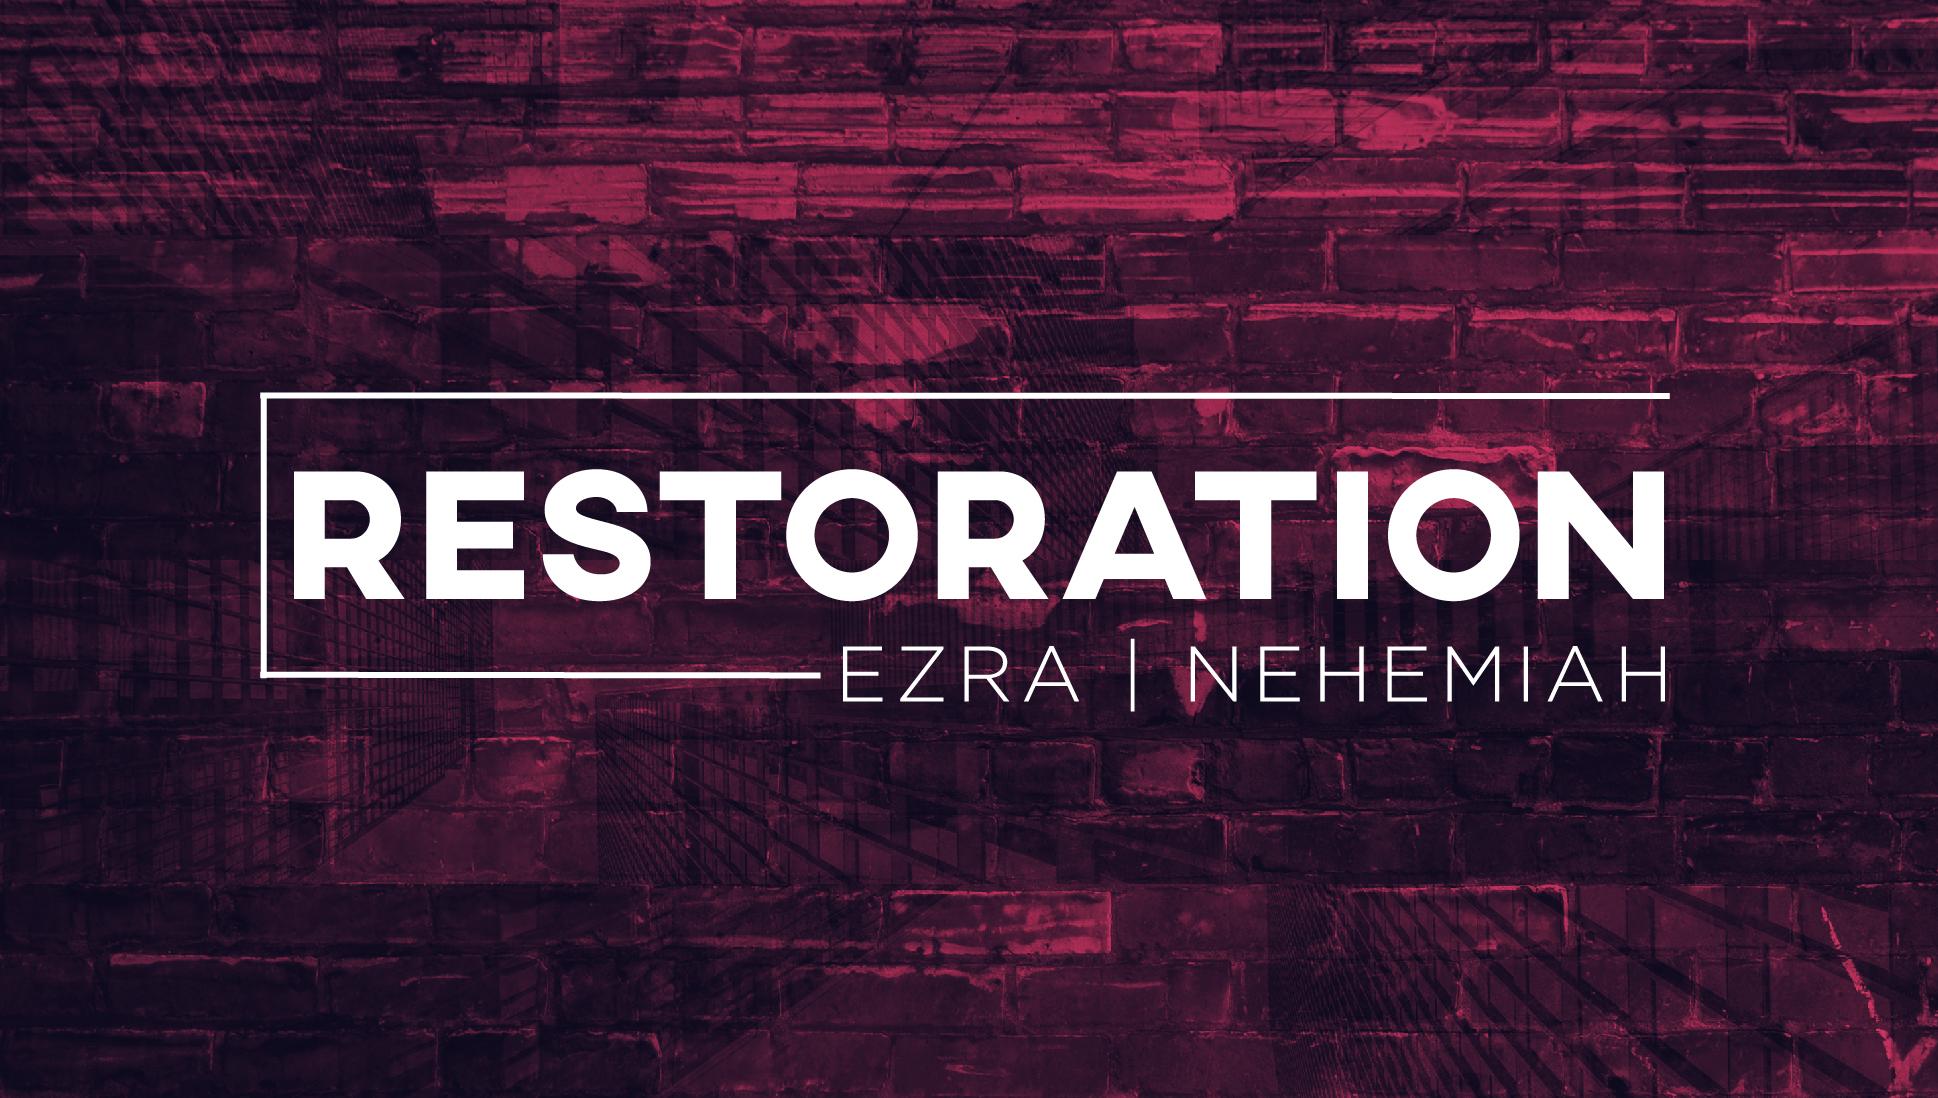 Restoration-01.jpg